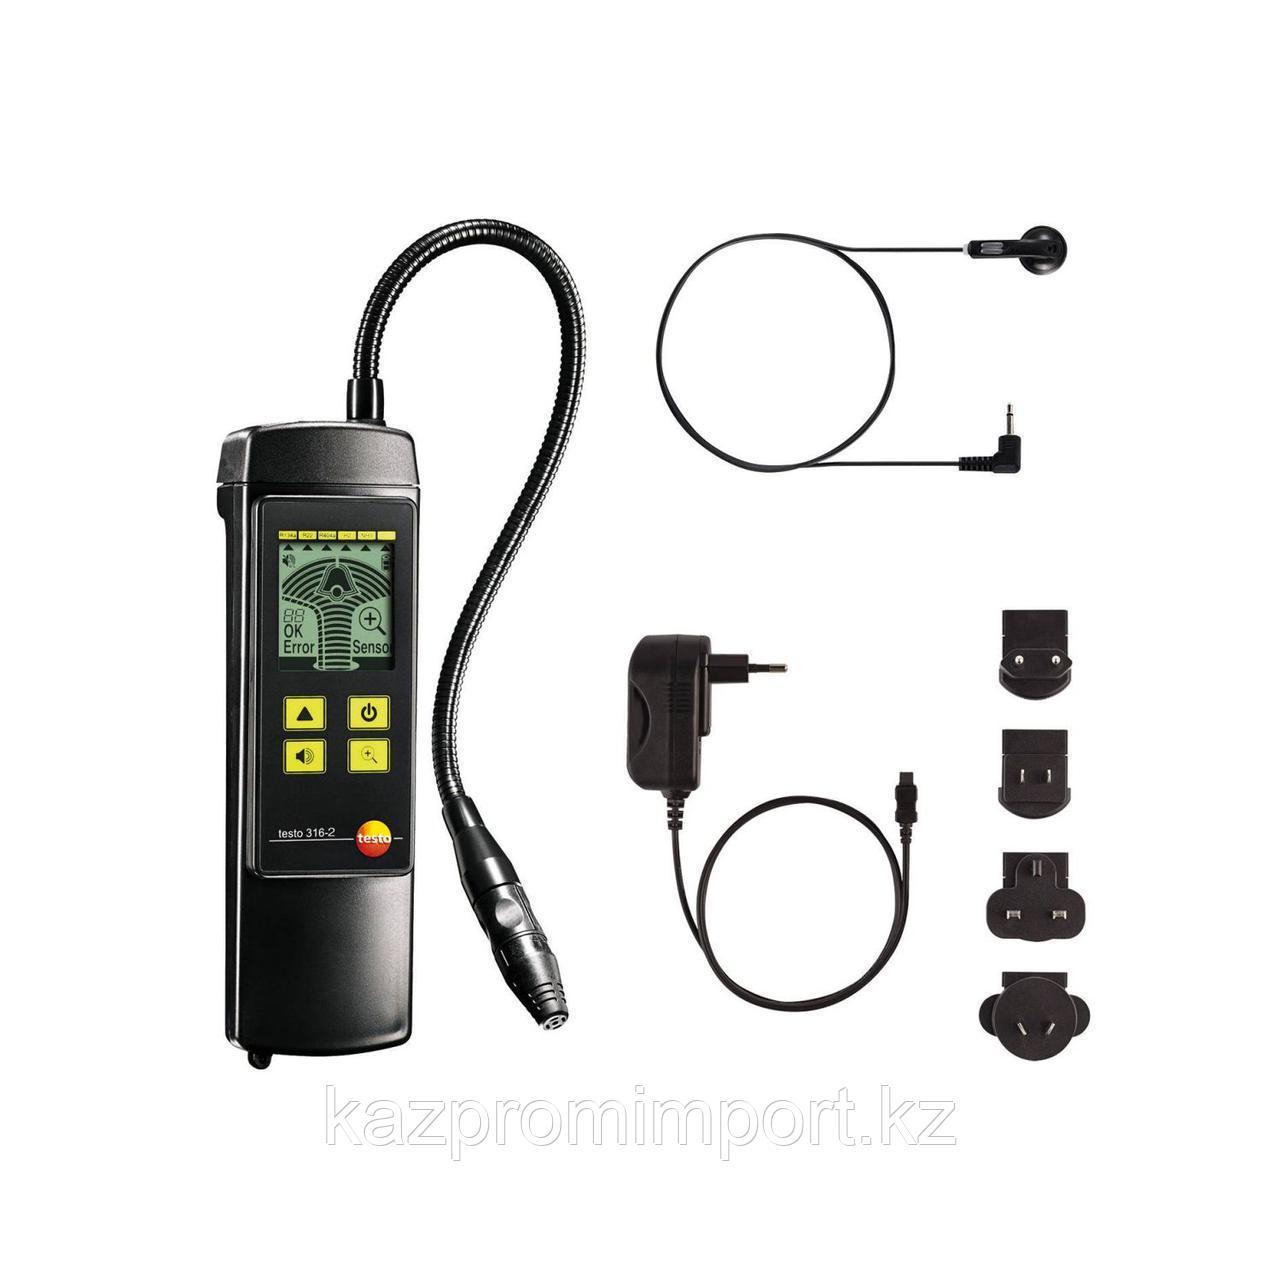 Testo 316-2 - Быстродействующий течеискатель со встроенным насосом